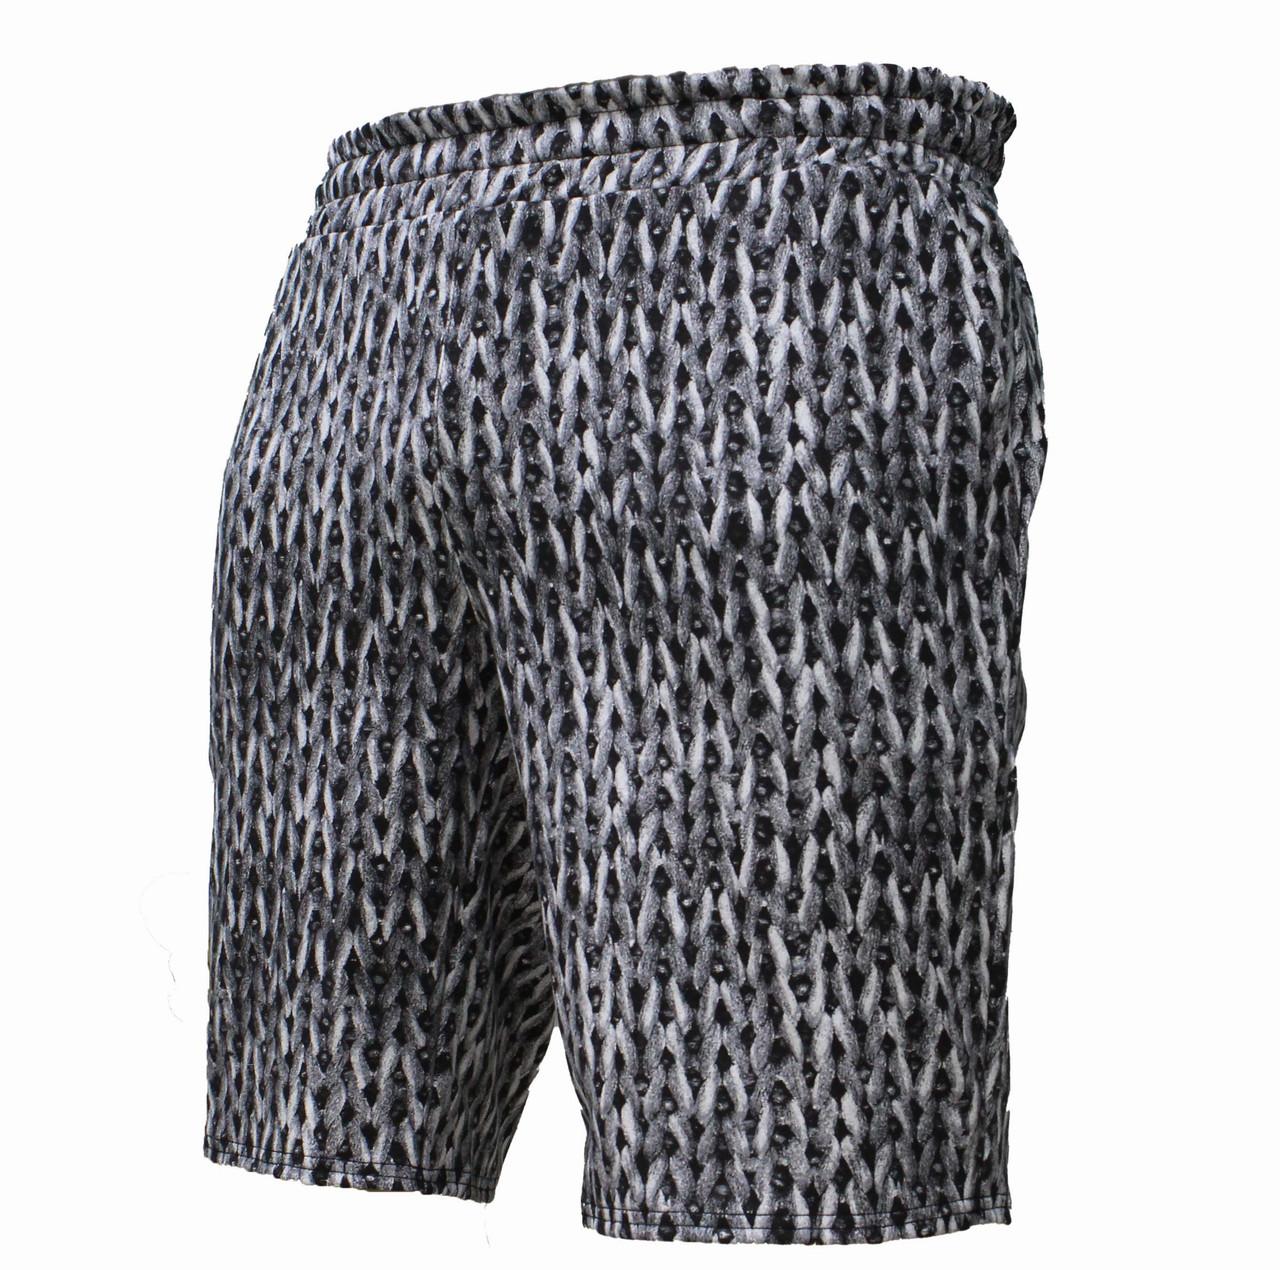 Мужские повседневные черно-белые трикотажные шорты хлопок